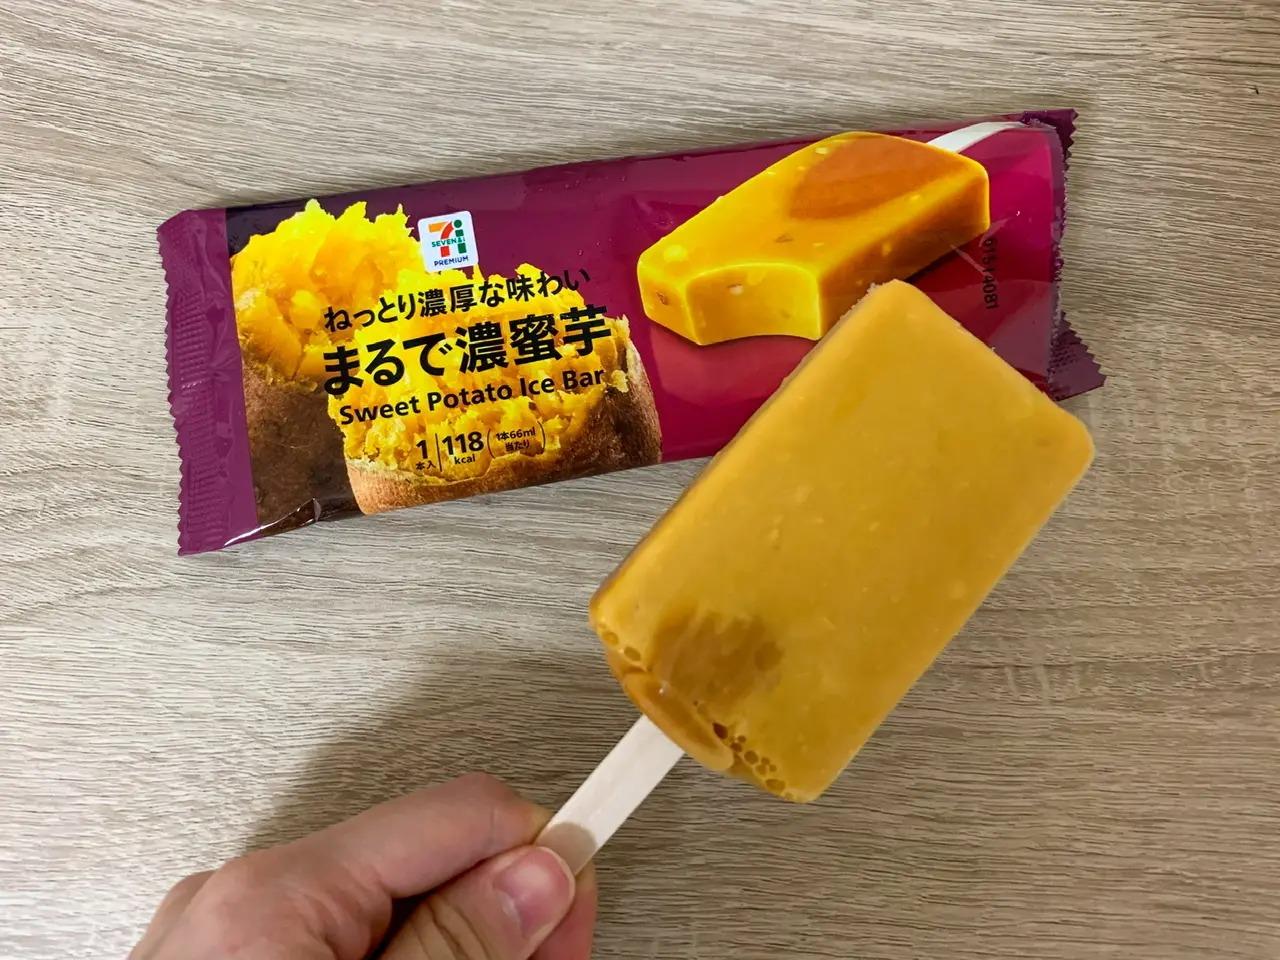 『セブン-イレブン』の新作アイス「7プレミアムまるで濃蜜芋」